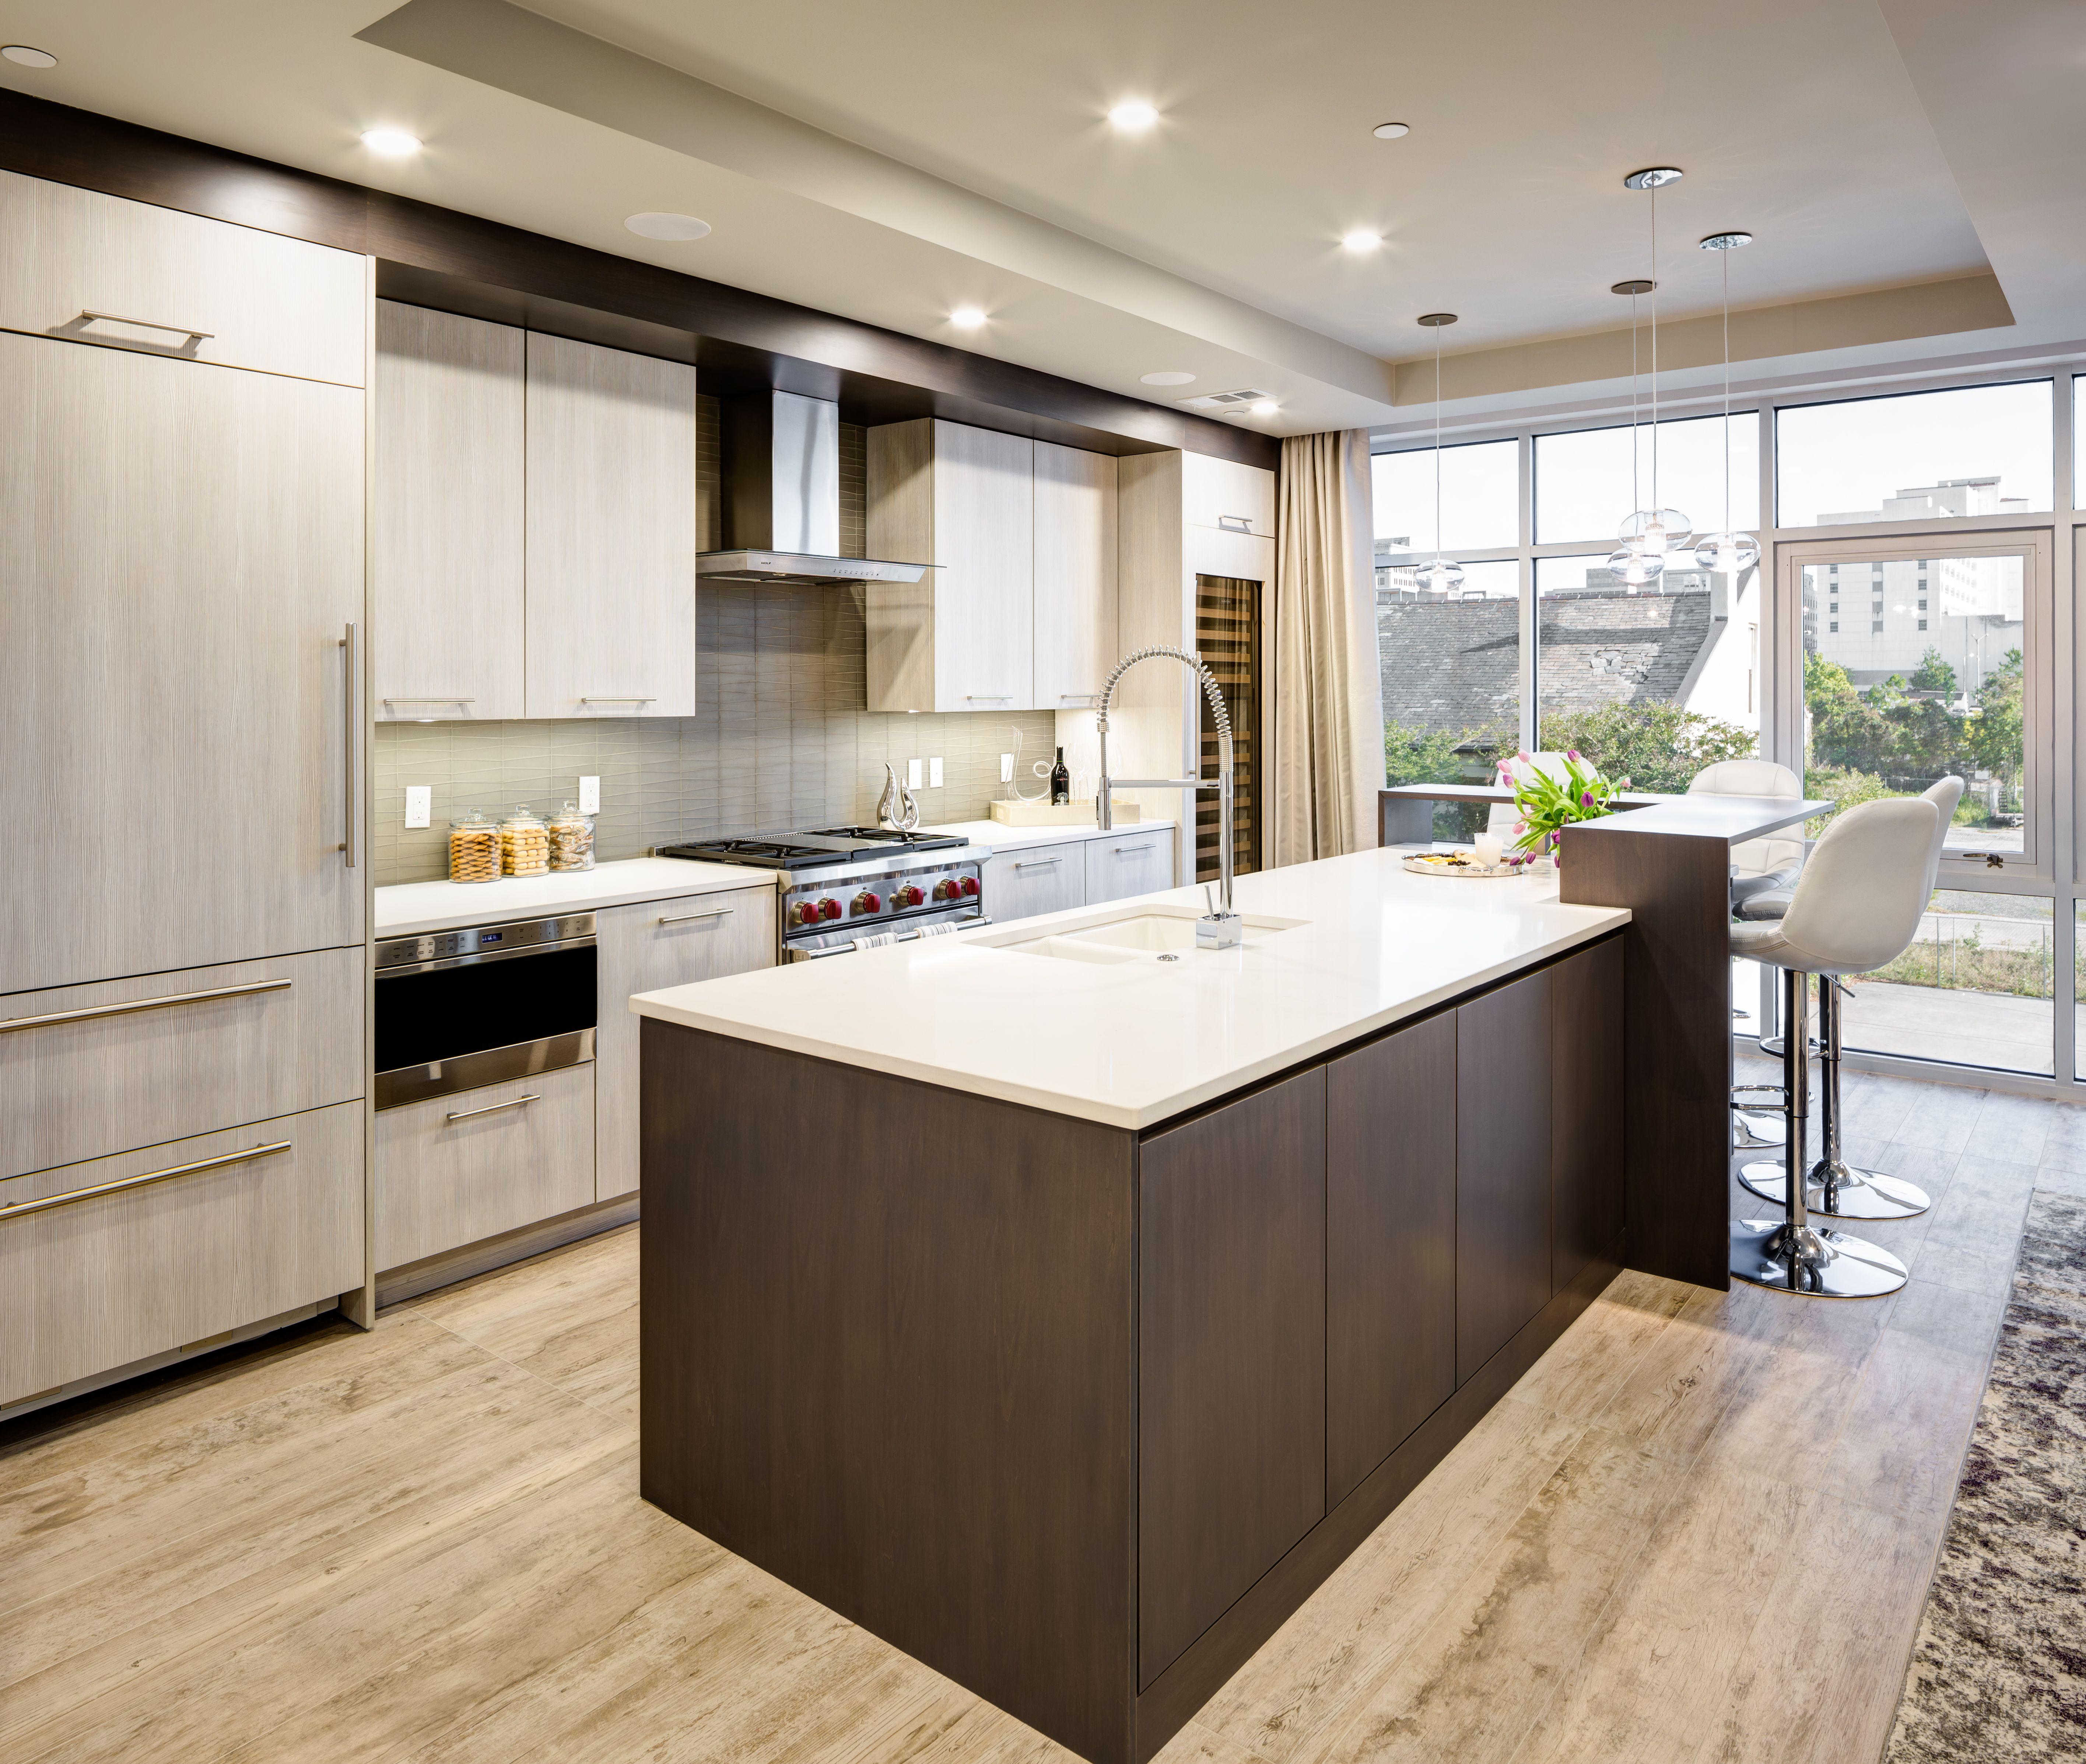 Modern Sleek Kitchen Design The Design Studio Of Louisiana Sleek Kitchen Design Kitchen Remodel Small Sleek Kitchen